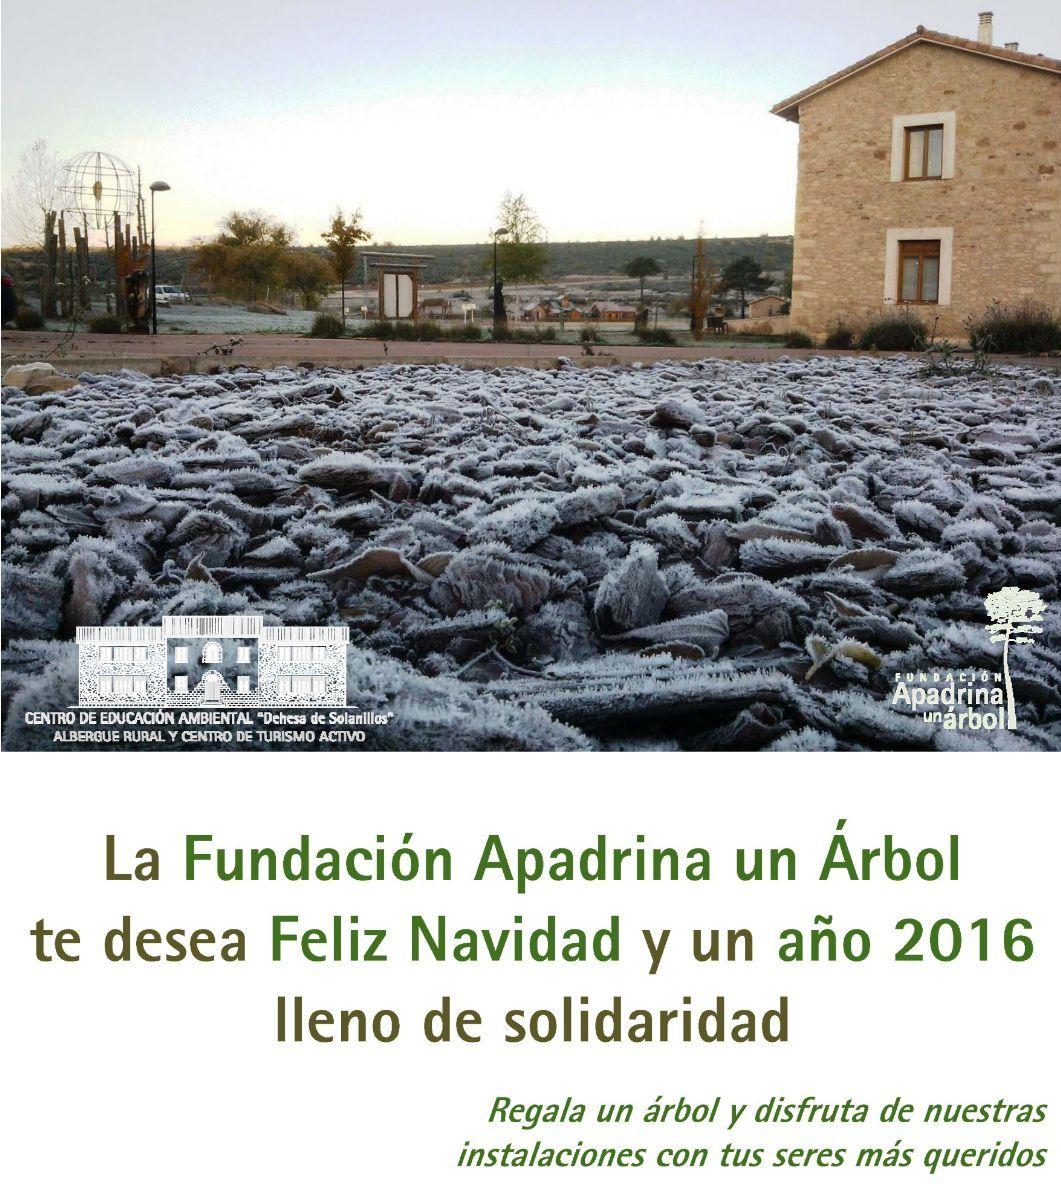 Fundación Apadrina un Árbol